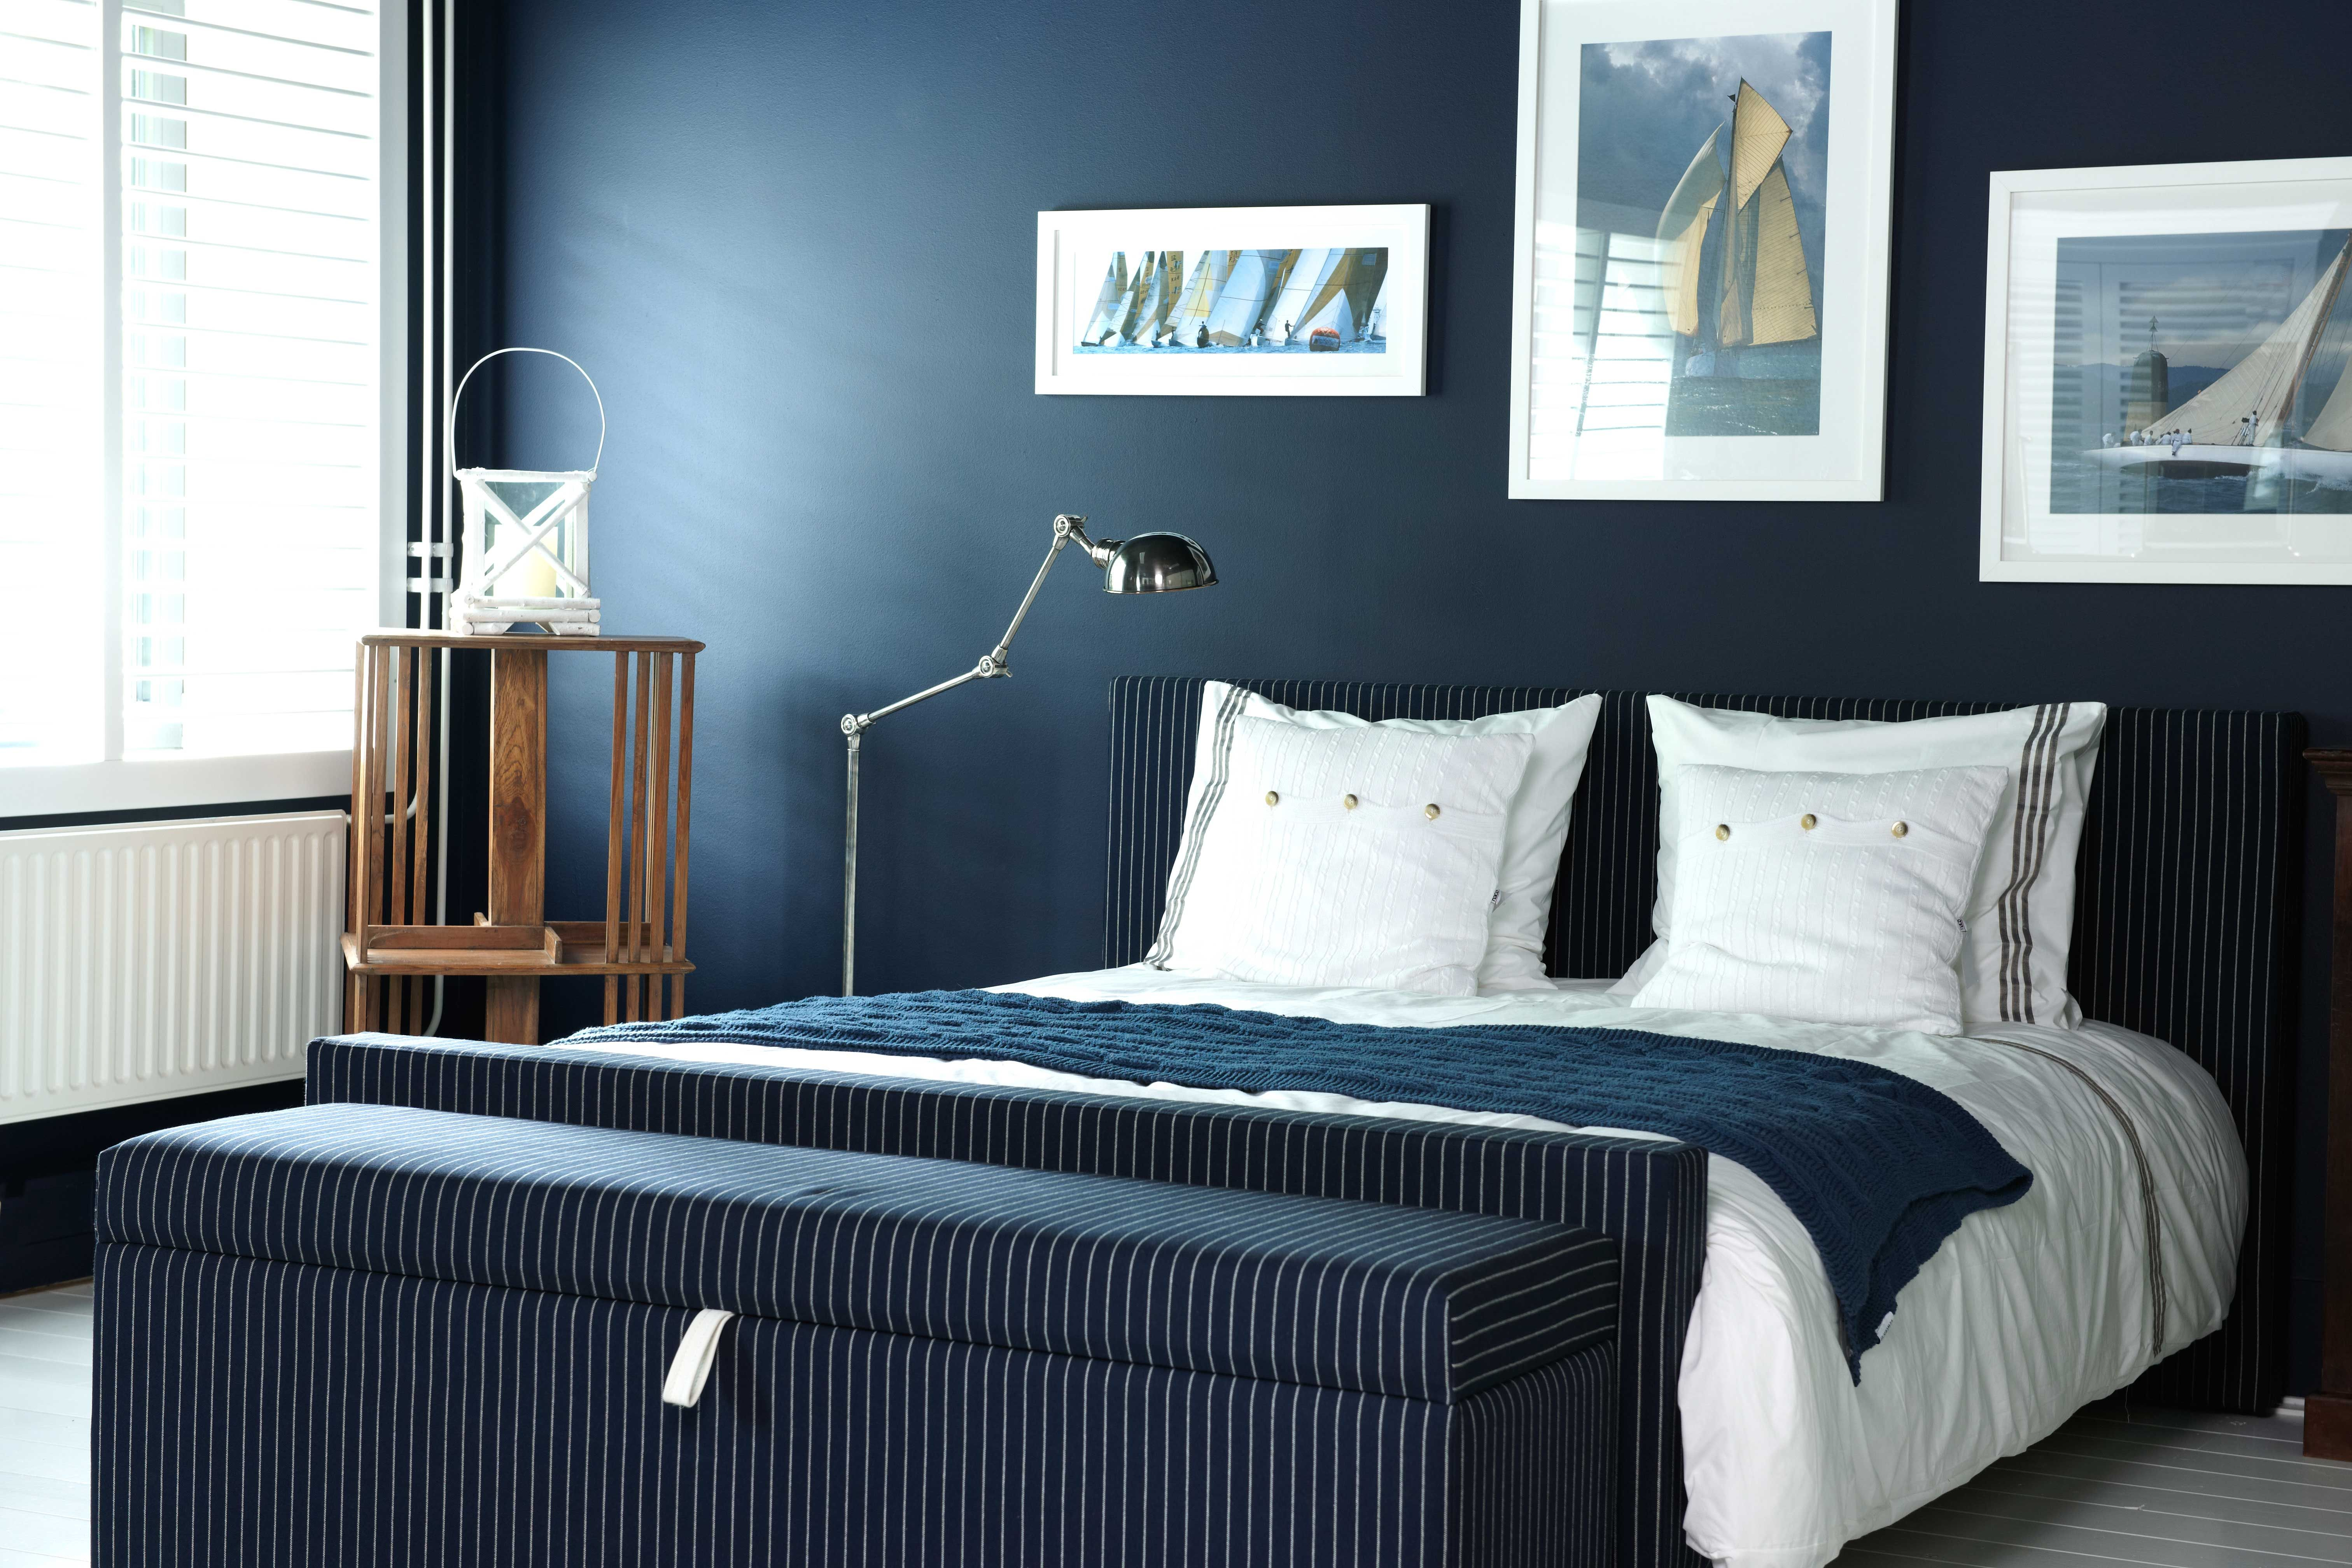 Slaapkamer in statig donkerblauw met krijtstreep